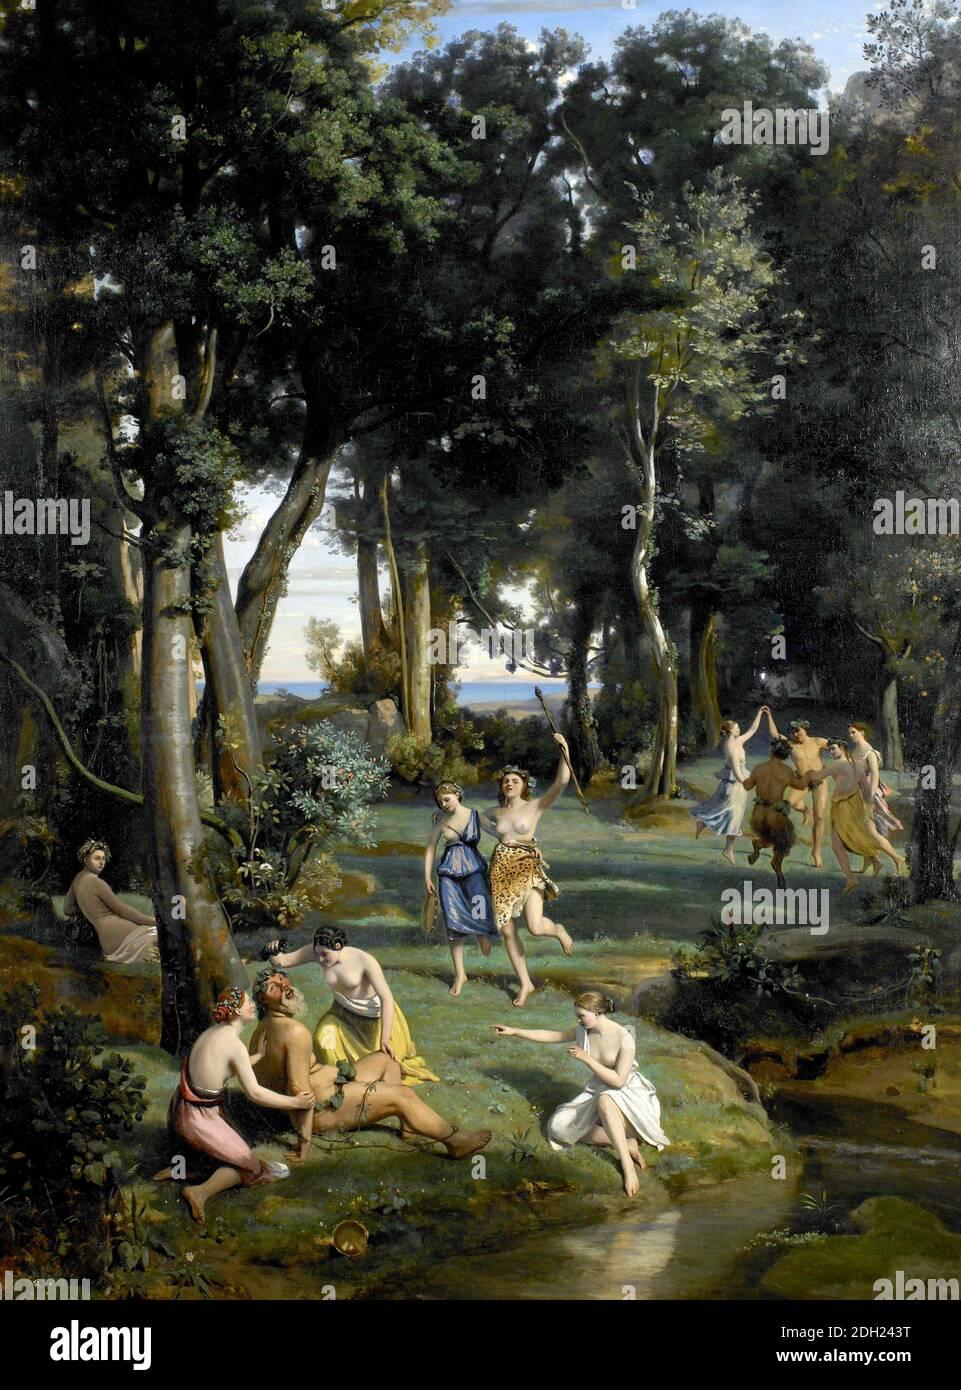 Silenus par Jean-Baptiste Camille Corot 1838 Banque D'Images